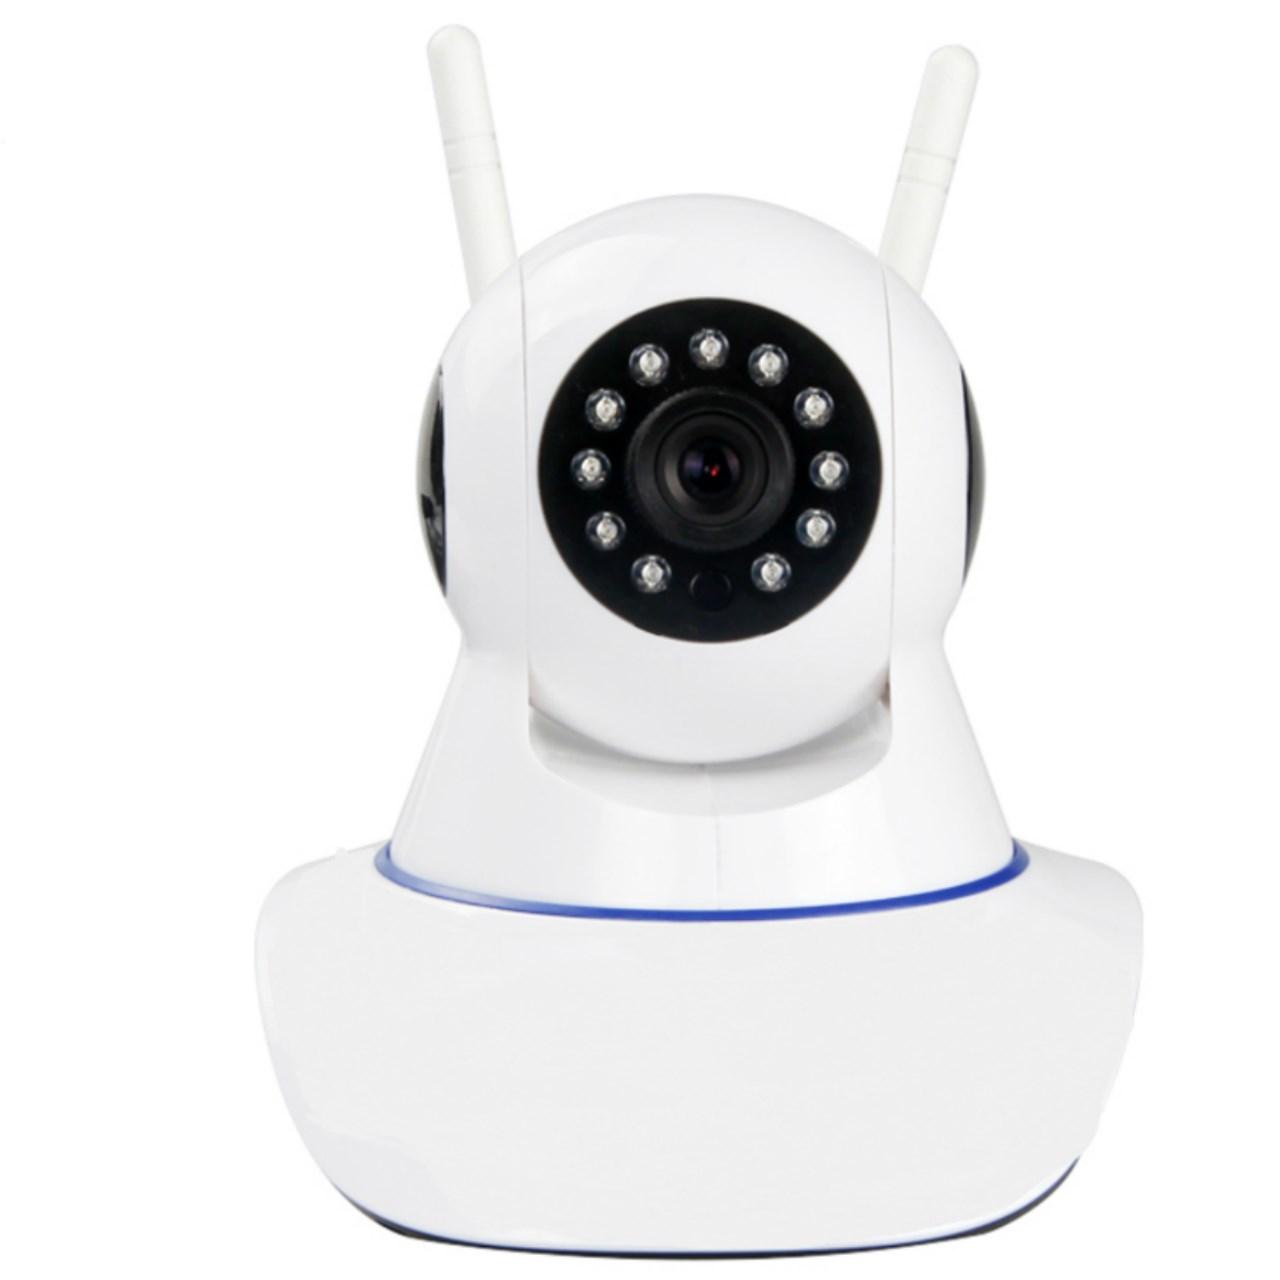 دوربین تحت شبکه بی سیم لینتراتک مدل IPC-T8610-Q5